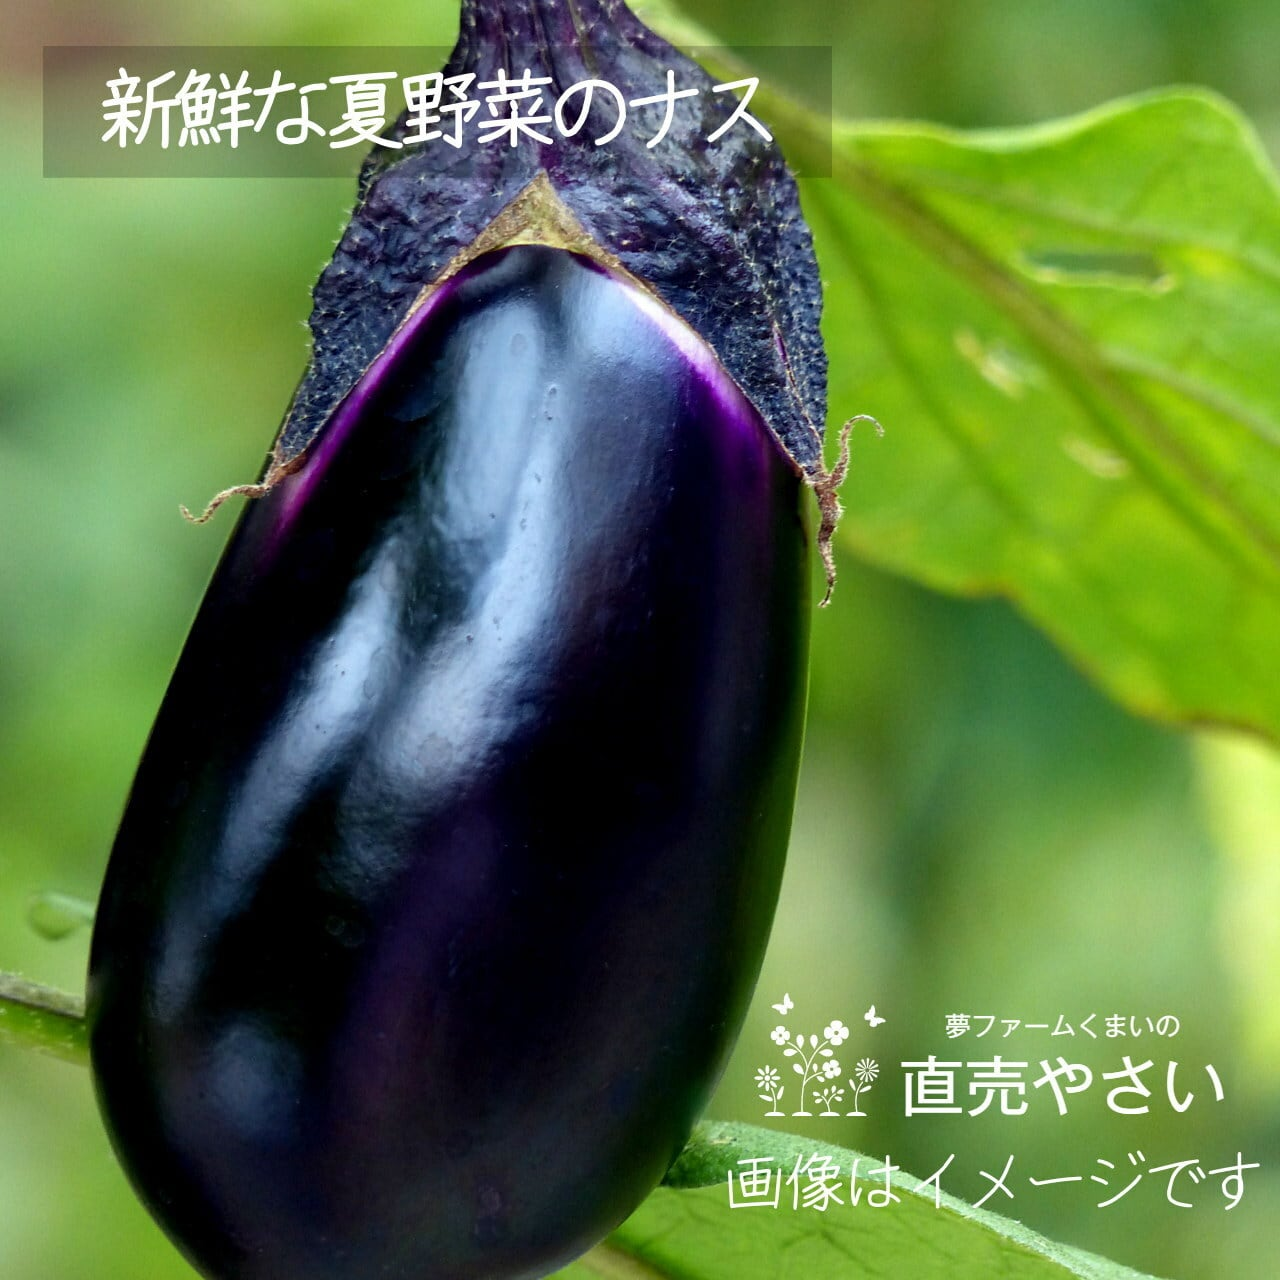 ナス 約400g 朝採り直売野菜 7月の新鮮な夏野菜 7月10日発送予定